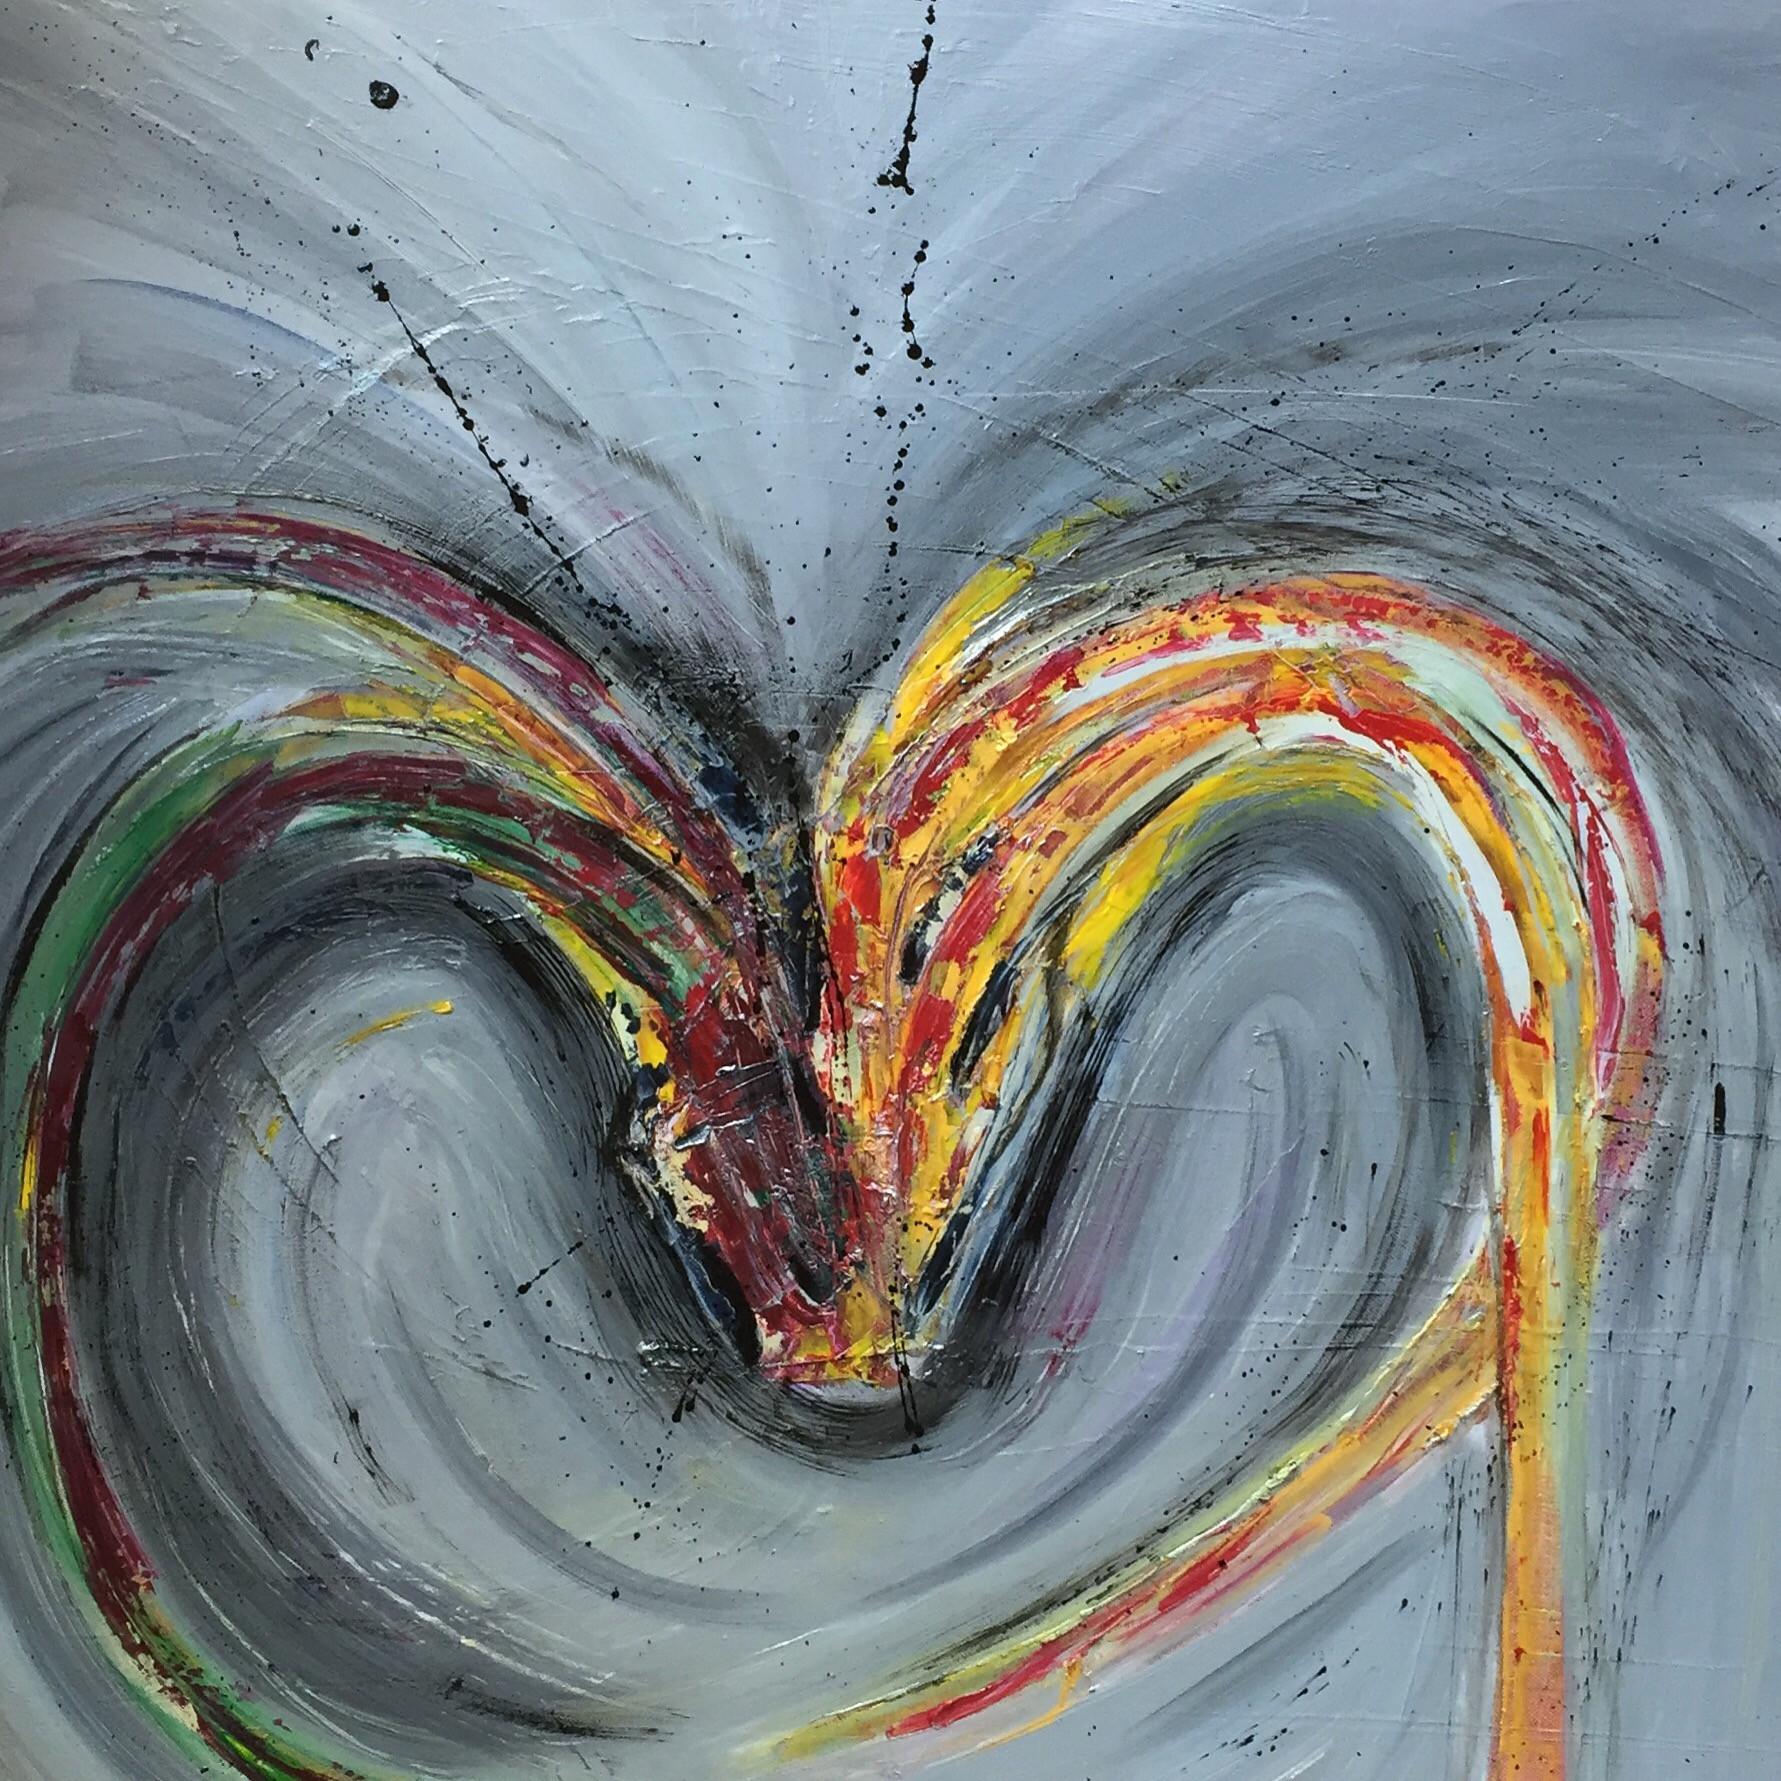 heartbreak beat - collezione privata